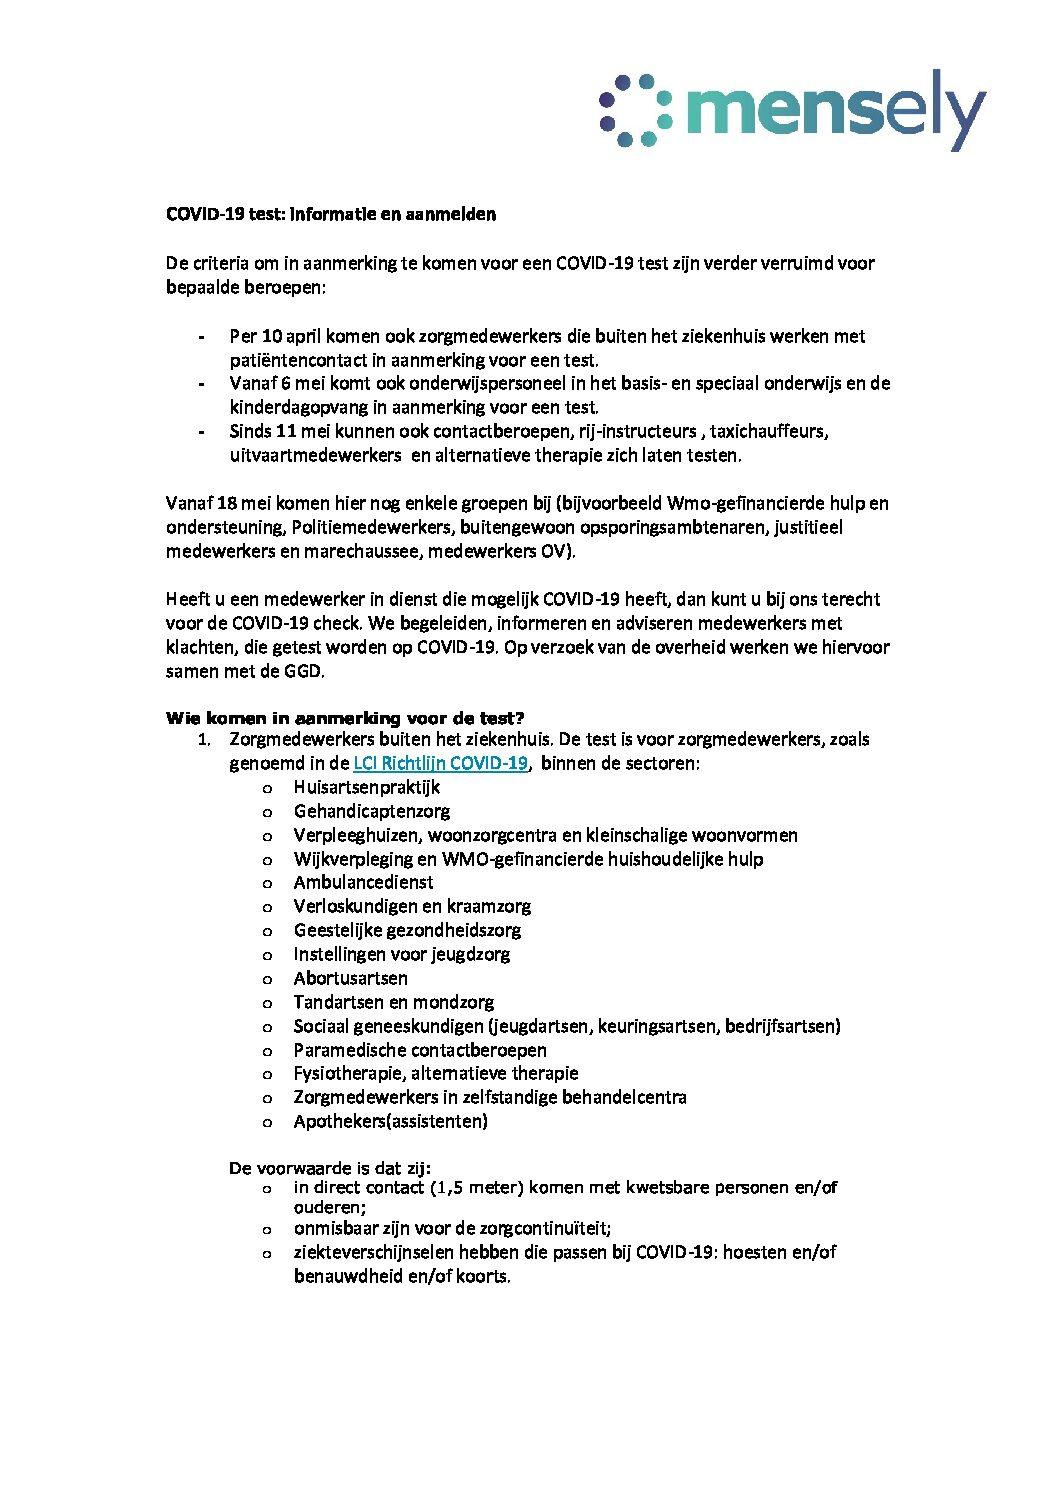 COVID-19 test informatie en aanmelden